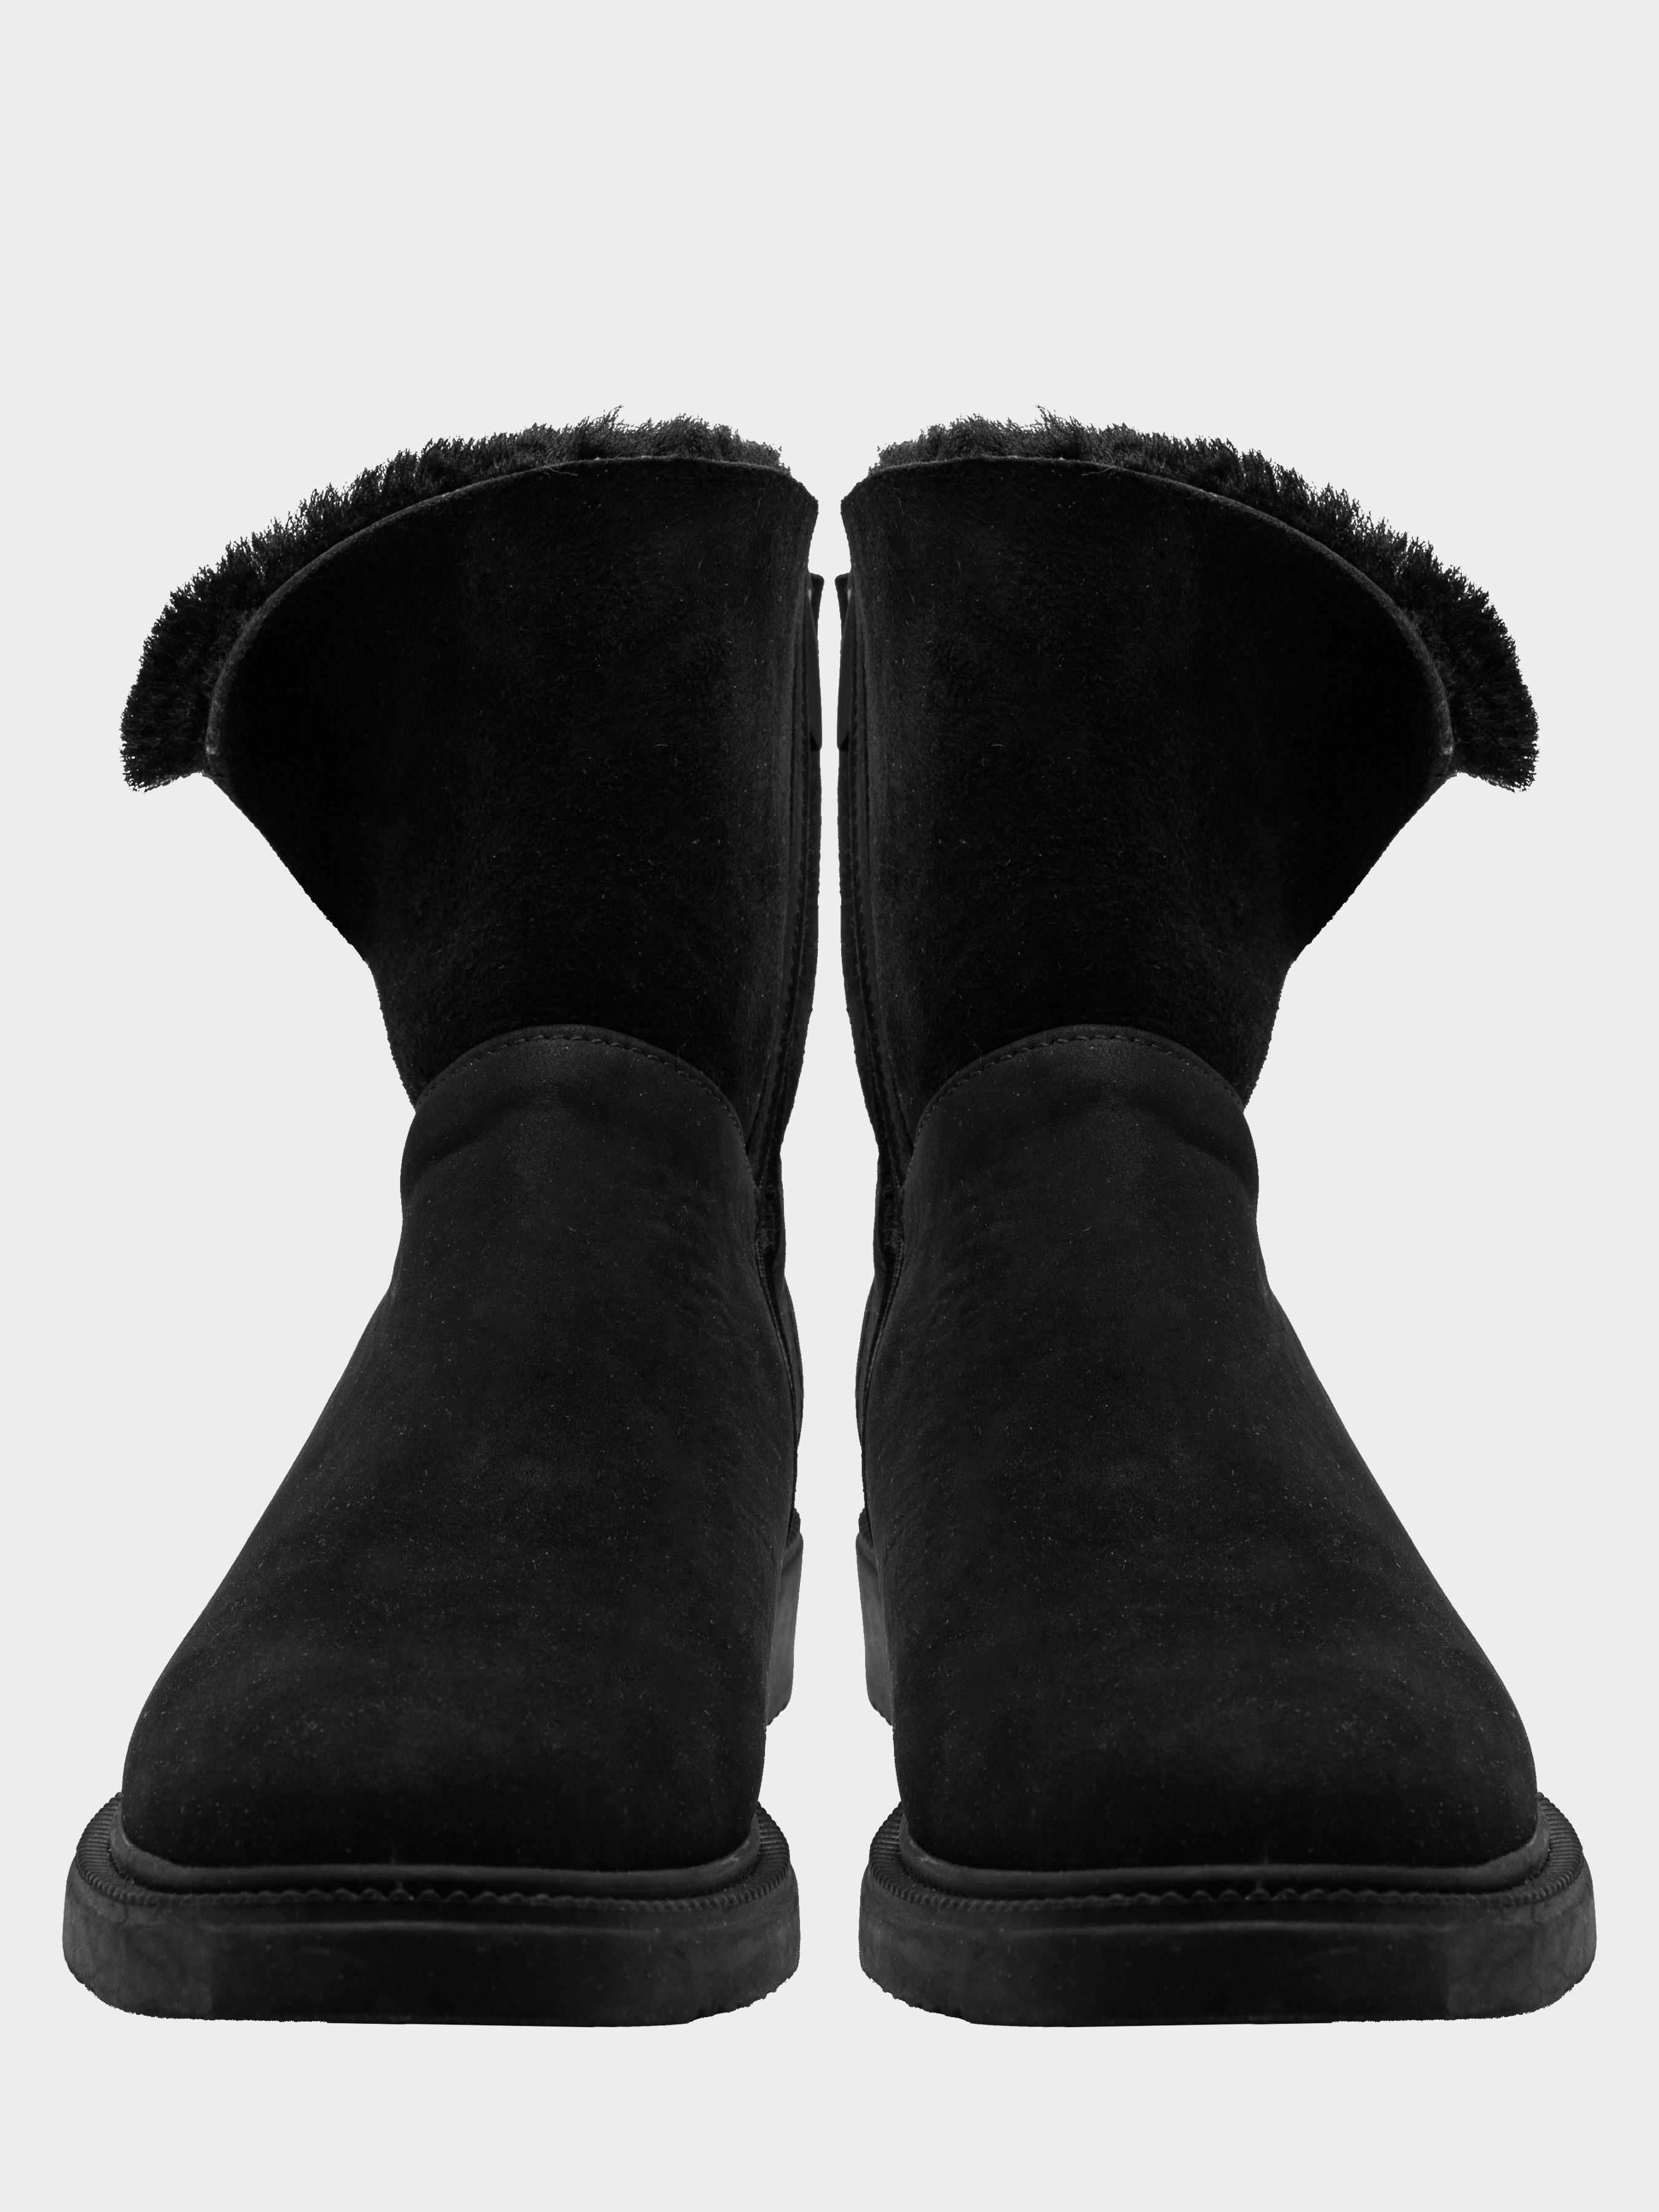 Ботинки для женщин Ботинки женские ENZO VERRATTI 18-3264-10w купить в Интертоп, 2017